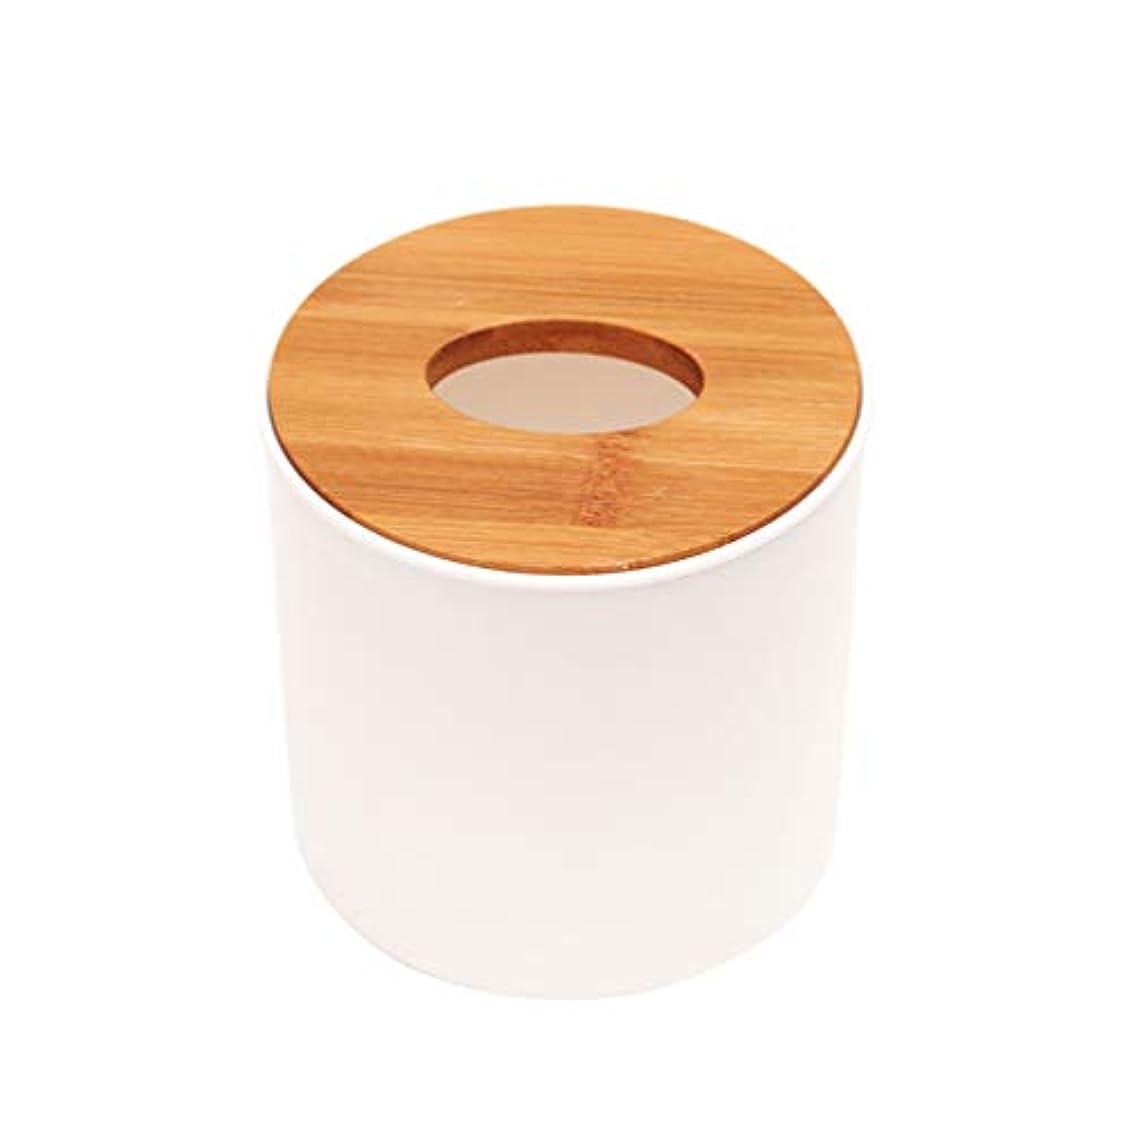 ブルジョン予想するアルコールTOPBATHY 2ピースティッシュボックス円筒木製カバープラスチック耐久性のあるティッシュペーパーホルダーオフィスホーム用品白